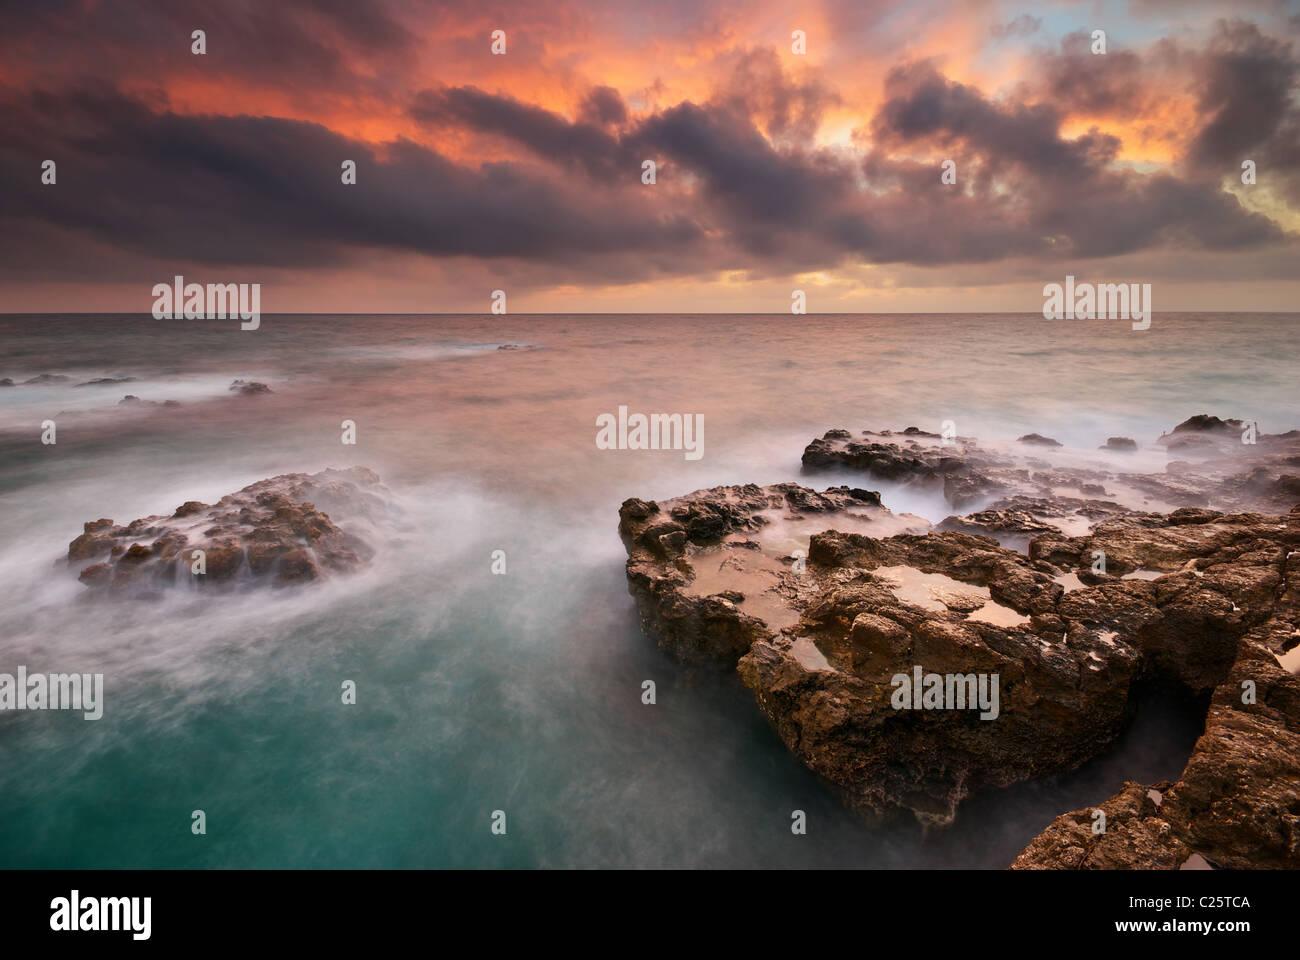 Bellissimo paesaggio marino. Il mare e la roccia al tramonto. La natura della composizione. Immagini Stock